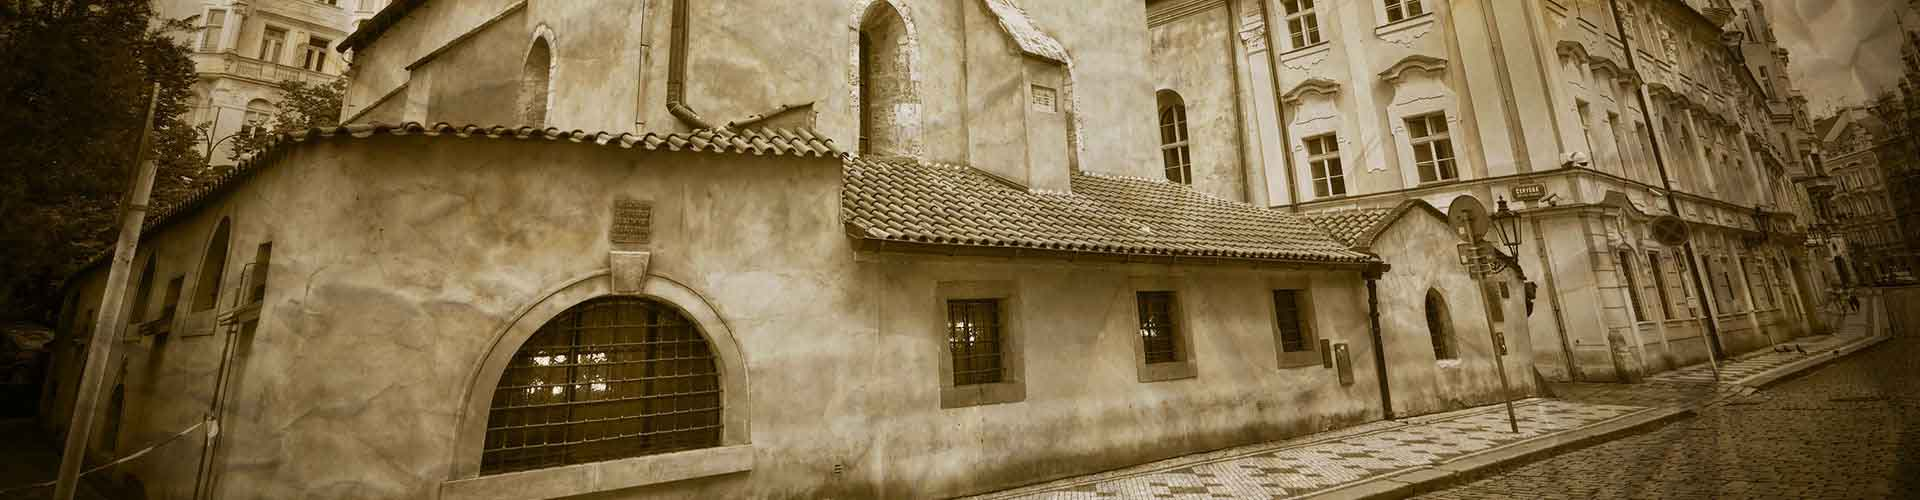 Prague - Camping près de Hôtel de ville juif. Cartes pour Prague, photos et commentaires pour chaque camping à Prague.